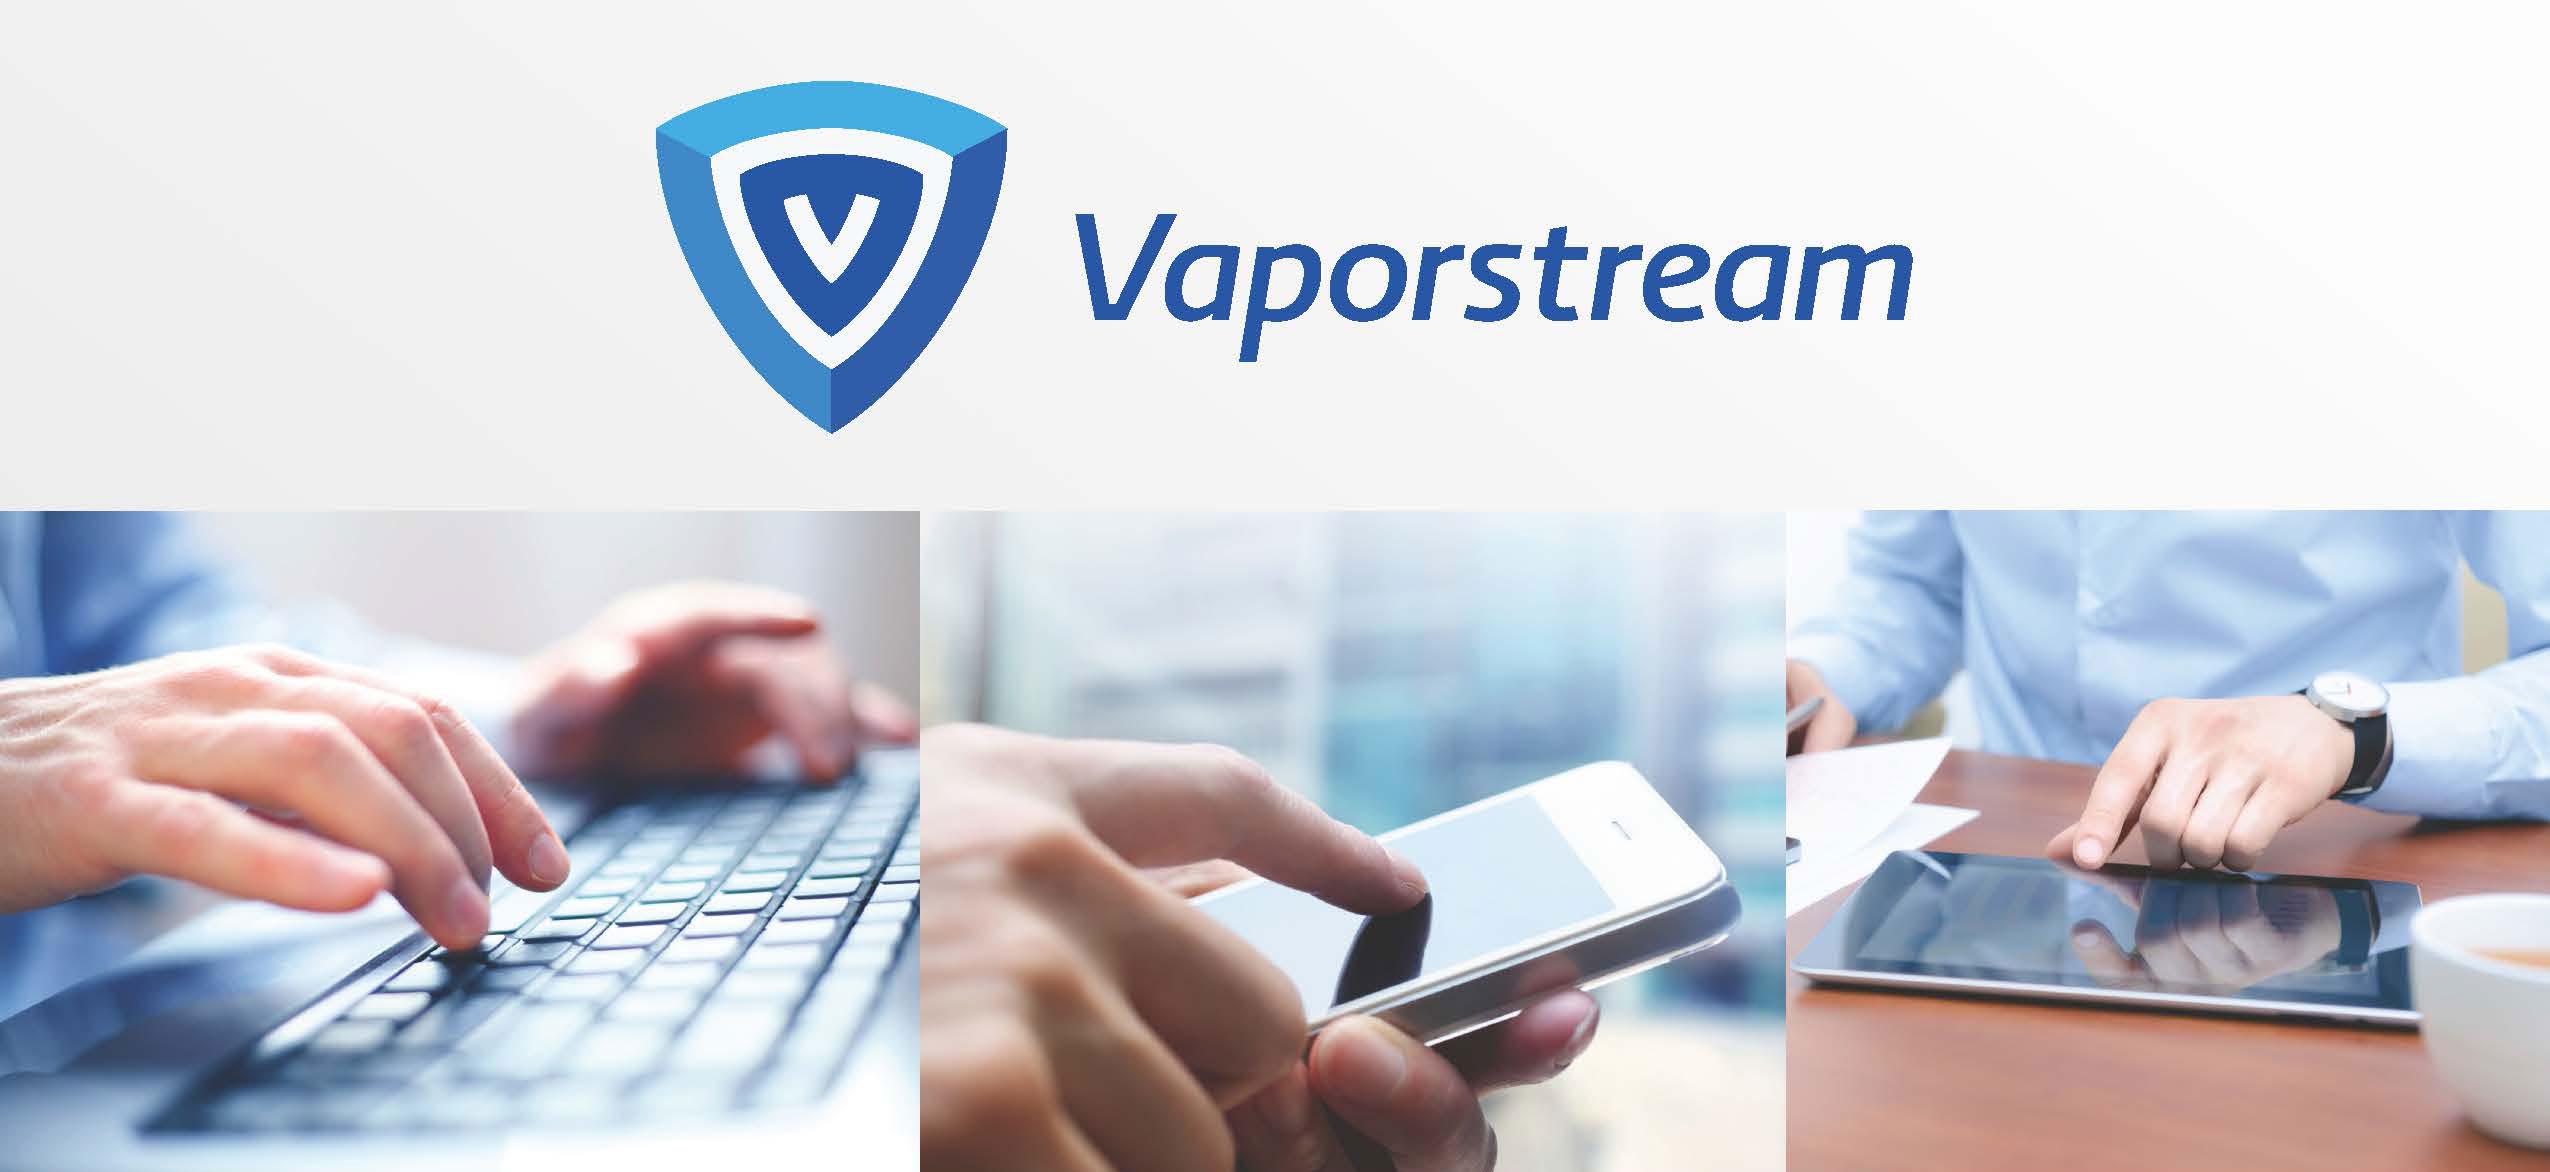 BPI Security is a retailer for Vaporstream Vispers